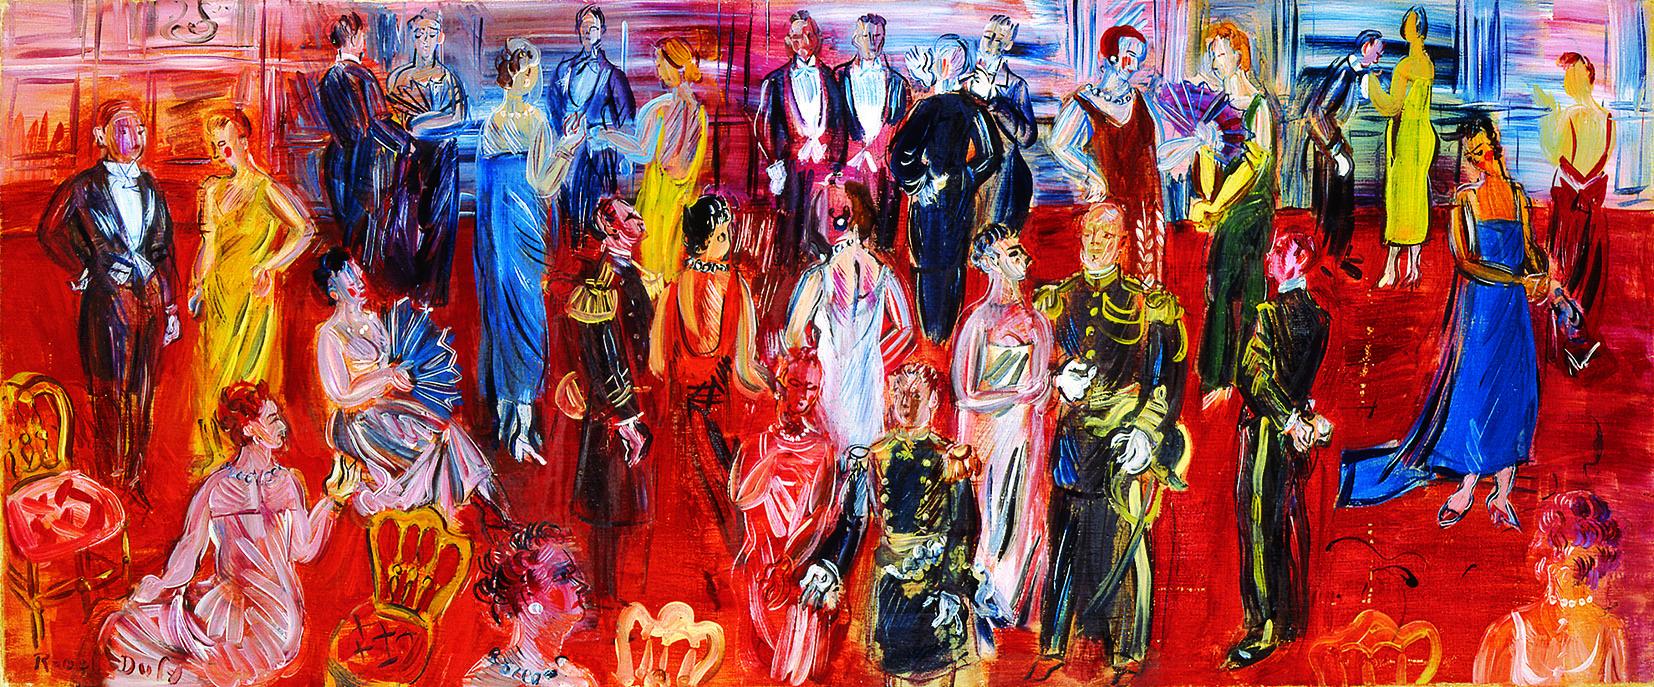 《公式レセプション》 1942年 油彩/キャンバス 大谷コレクション